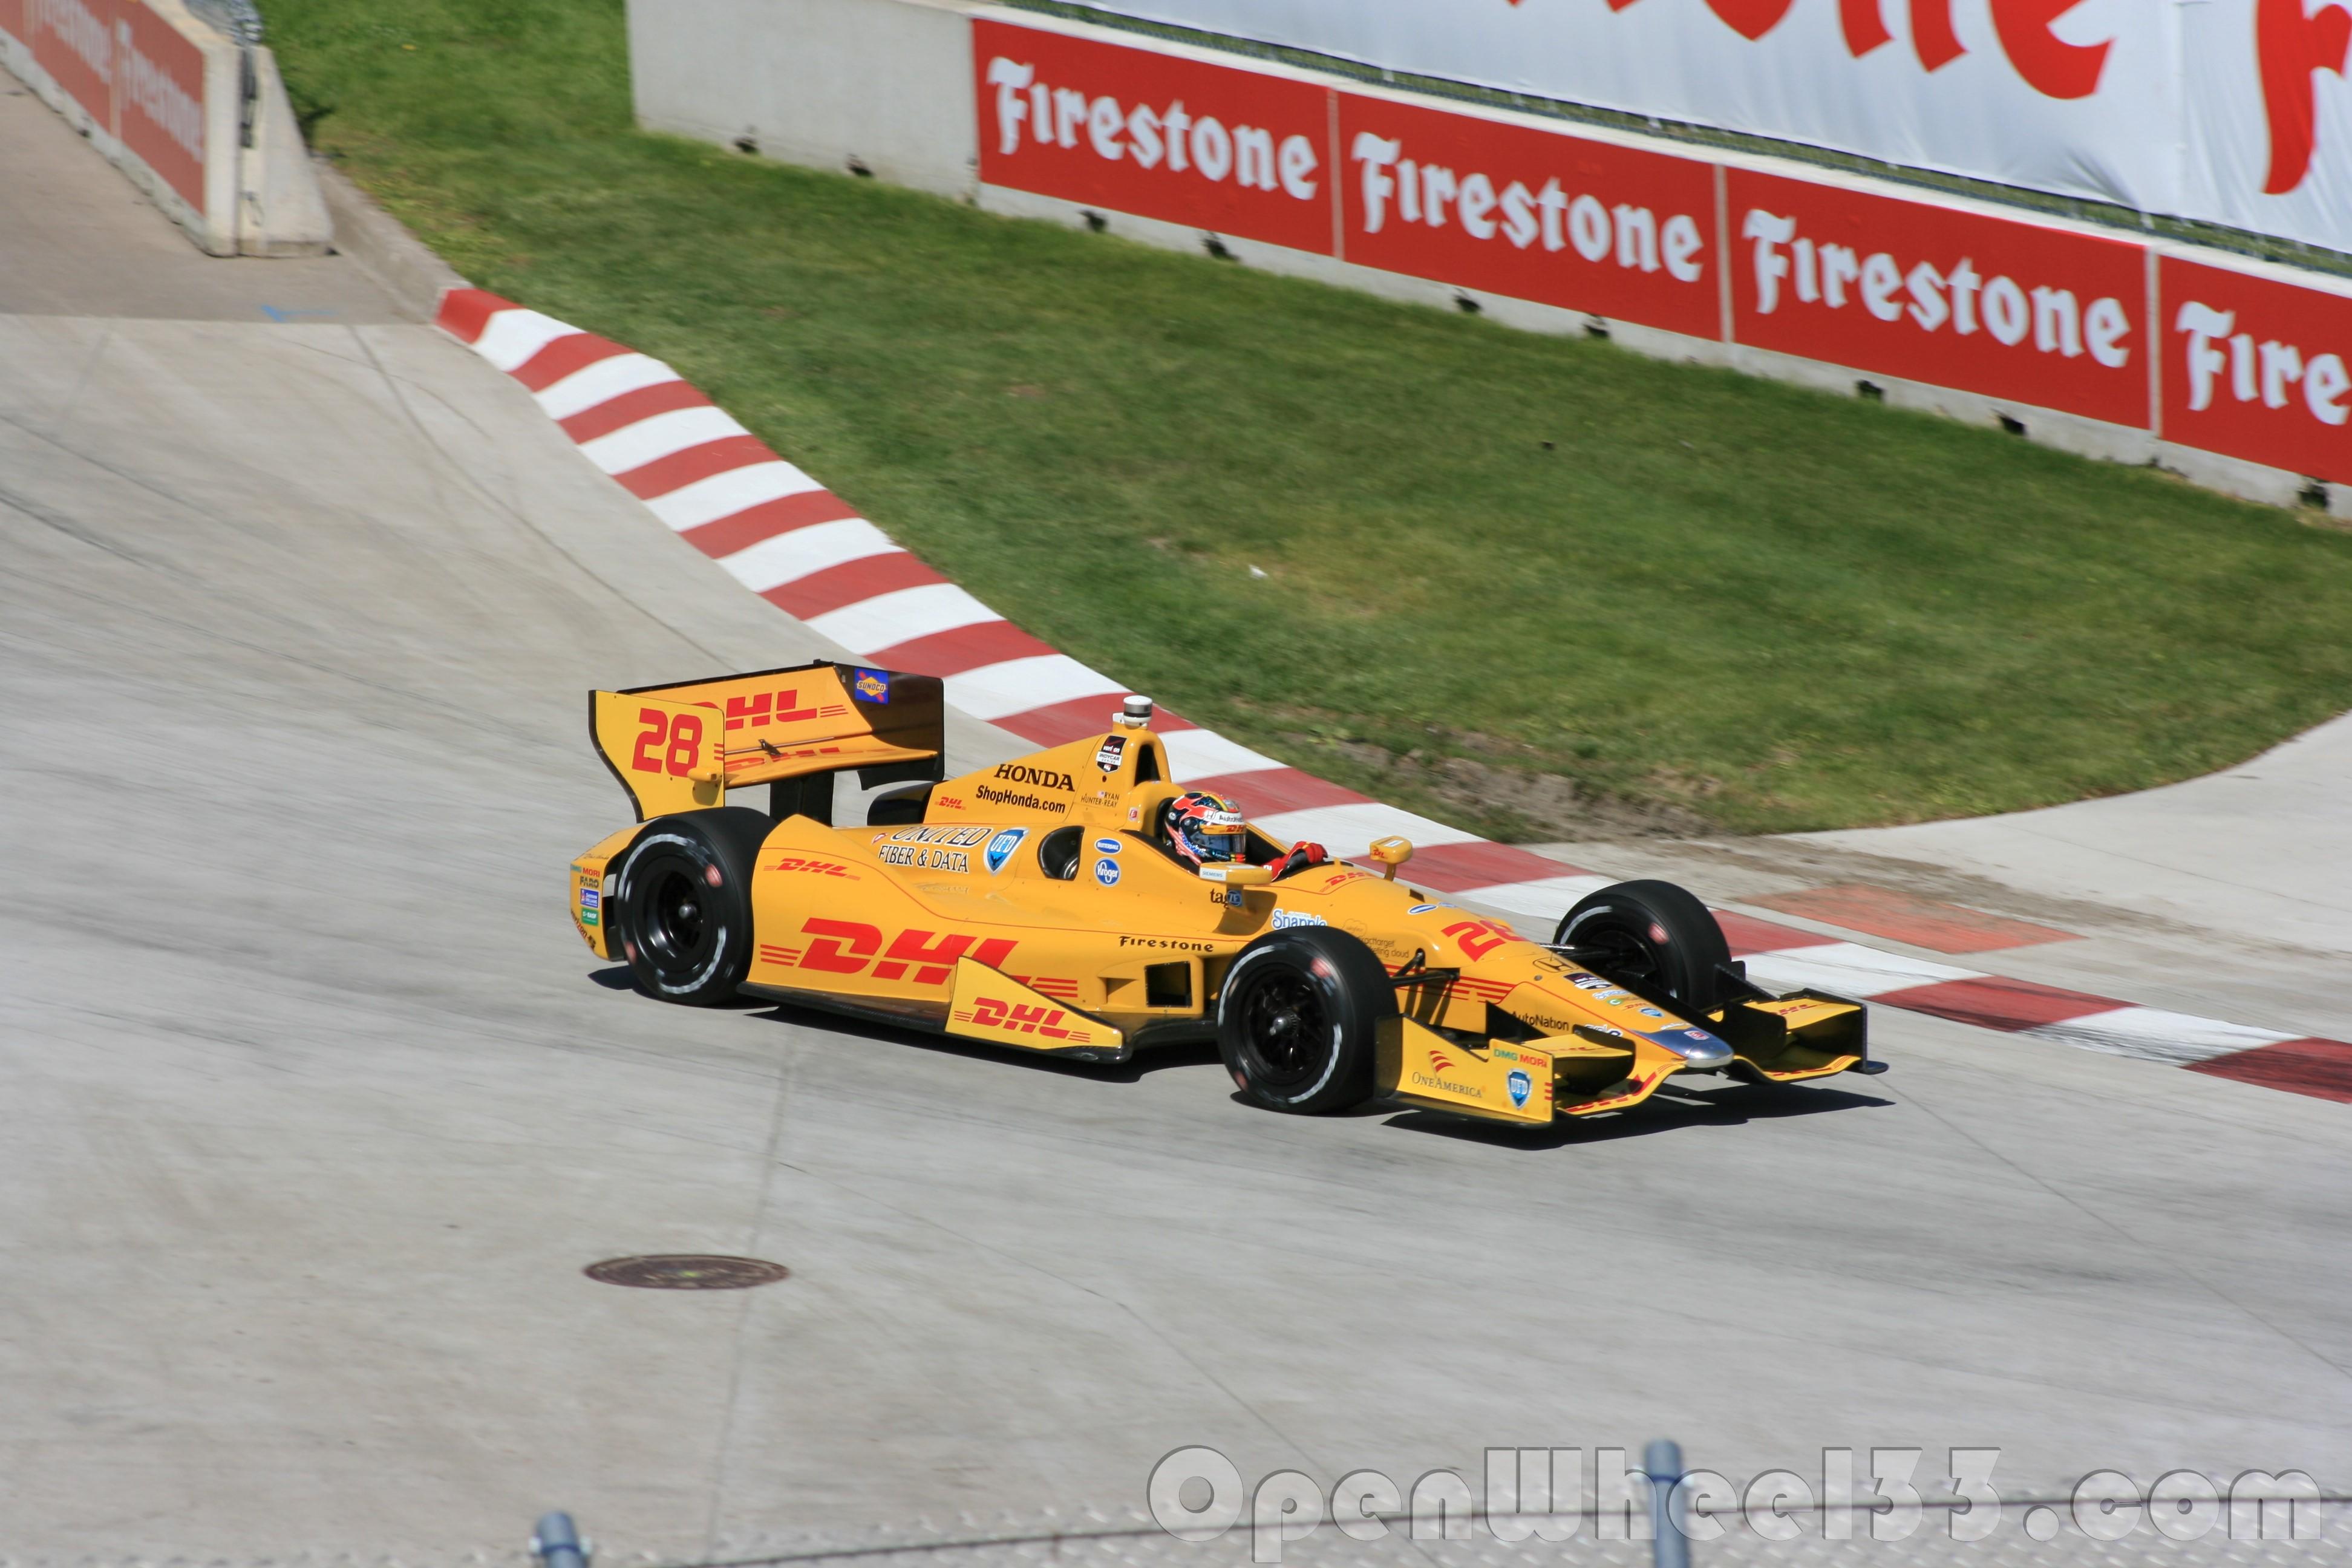 2014 Detroit GP R1 - 62 - PH